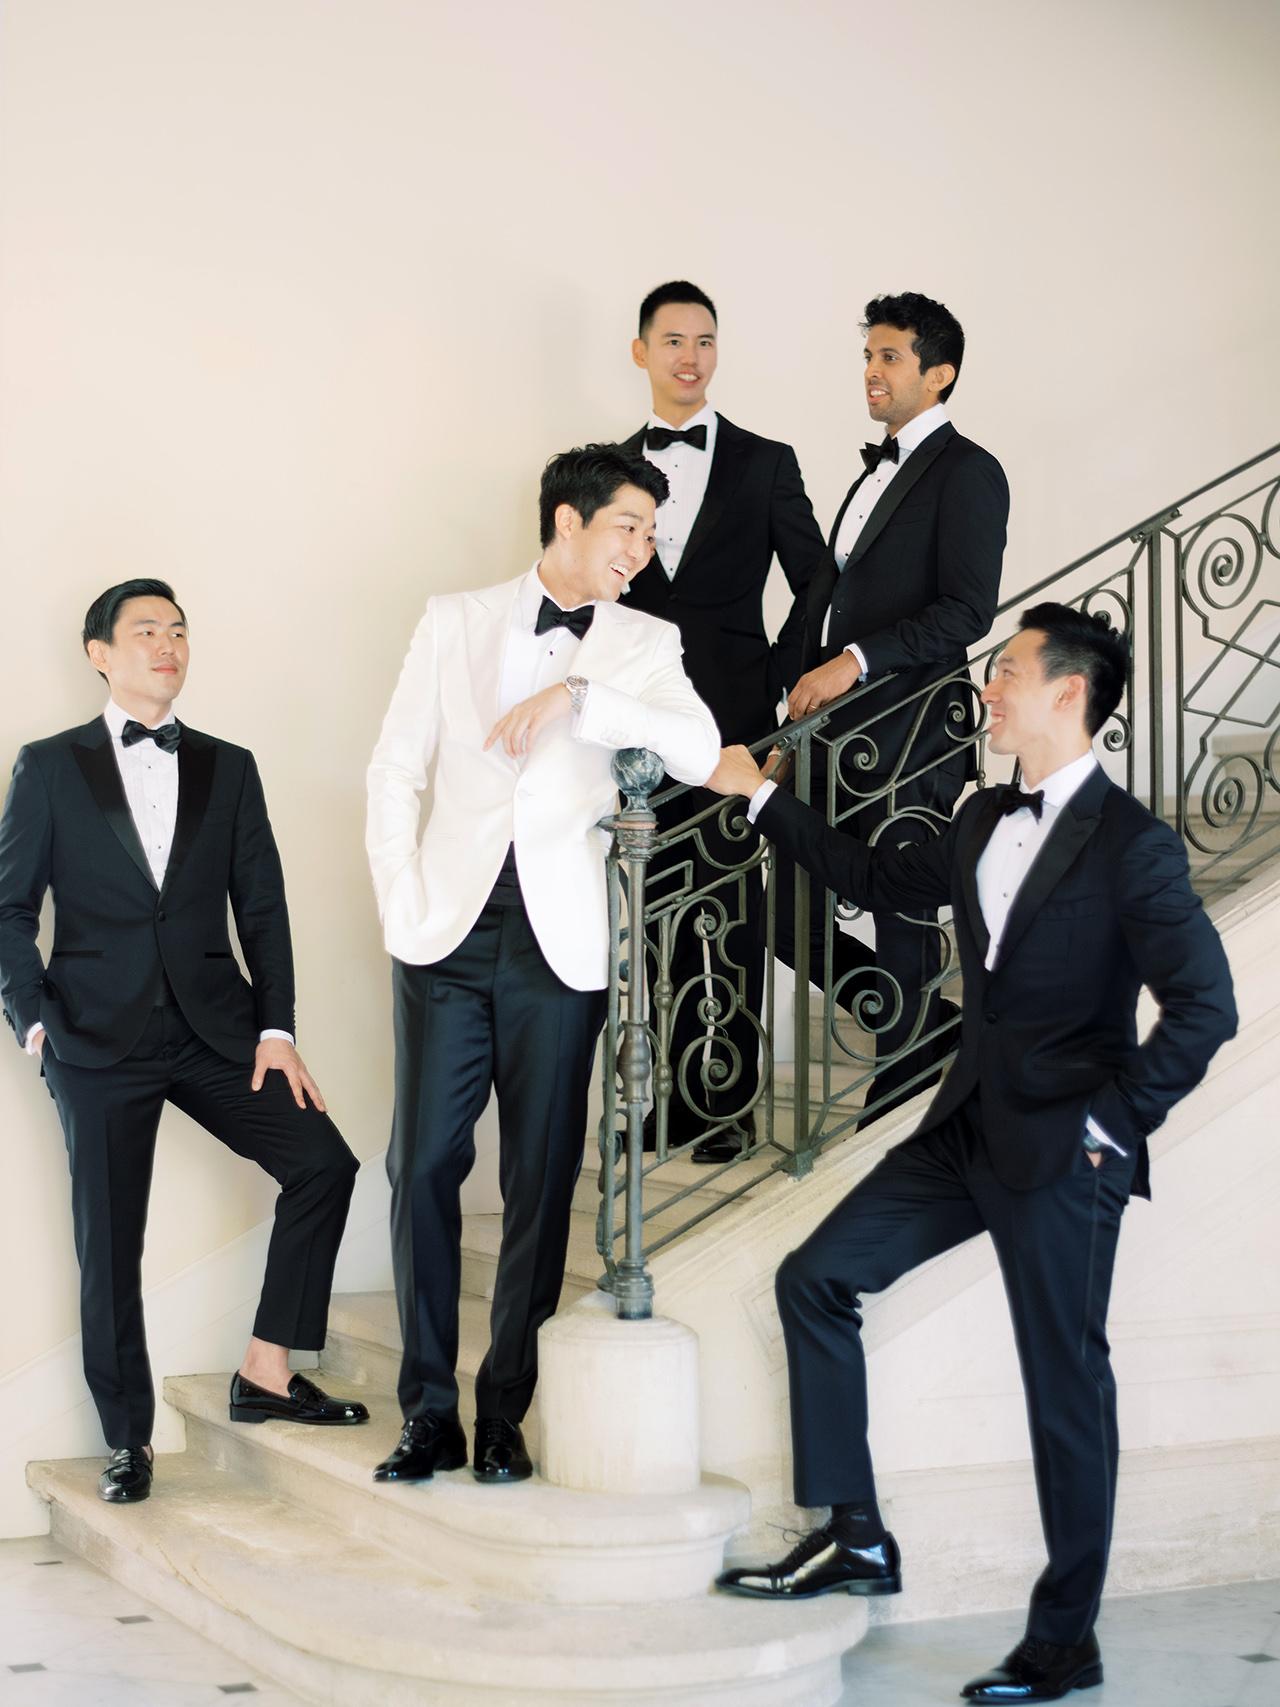 nancy sangho wedding groomsmen groom